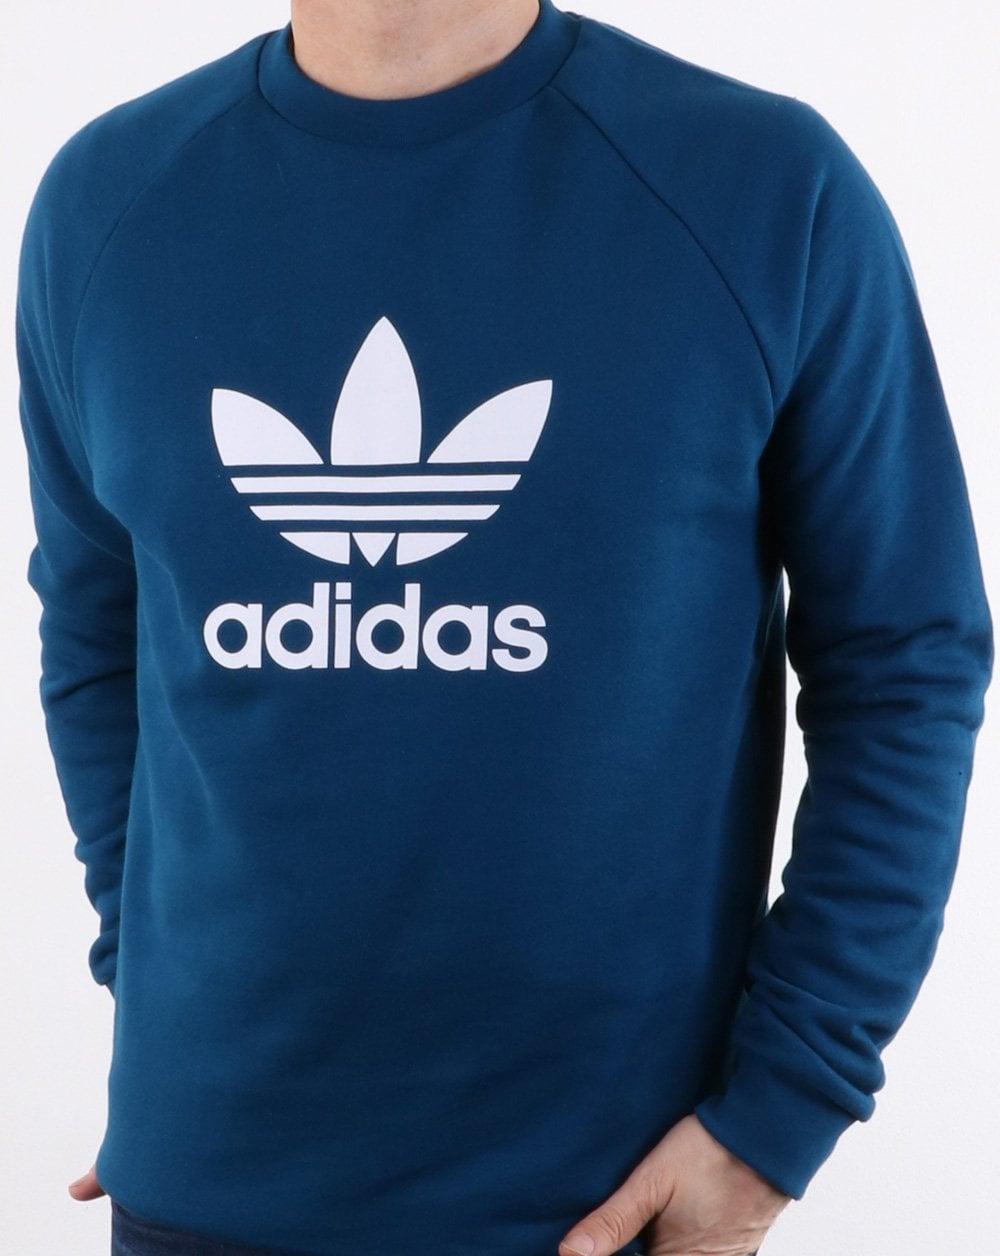 adidas Originals Adidas Originals Trefoil Crew Sweat Legend Marine d43ab39c4f4